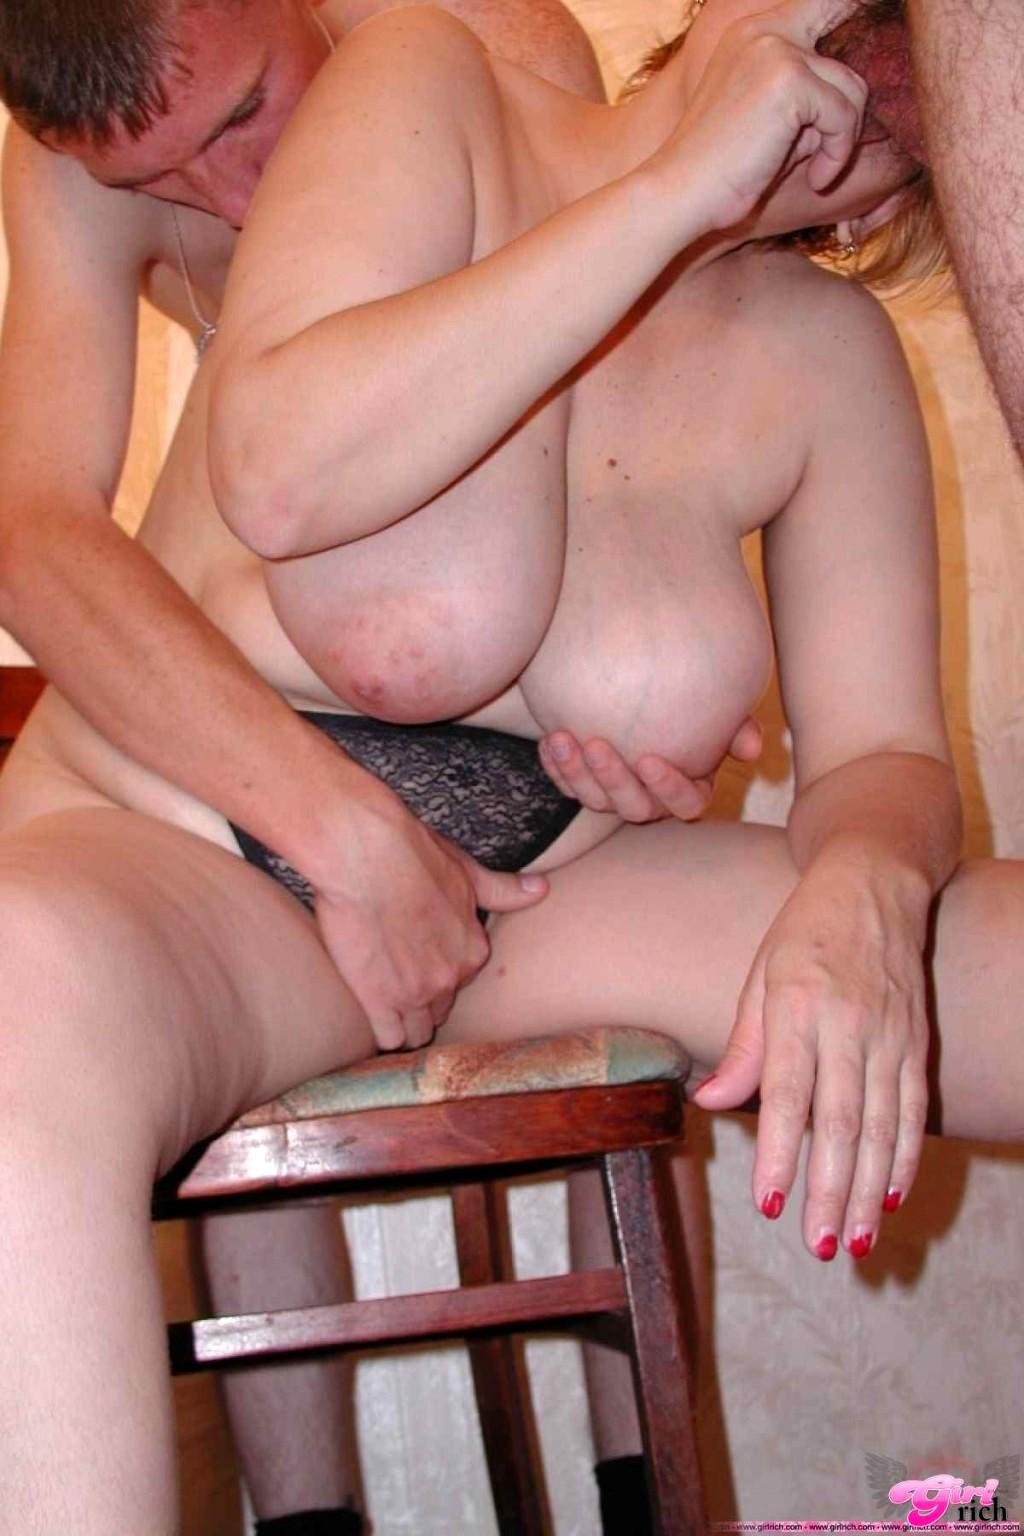 russkoe-porno-trahnul-zreluyu-sosedku-masturbatsiya-uretri-porno-video-onlayn